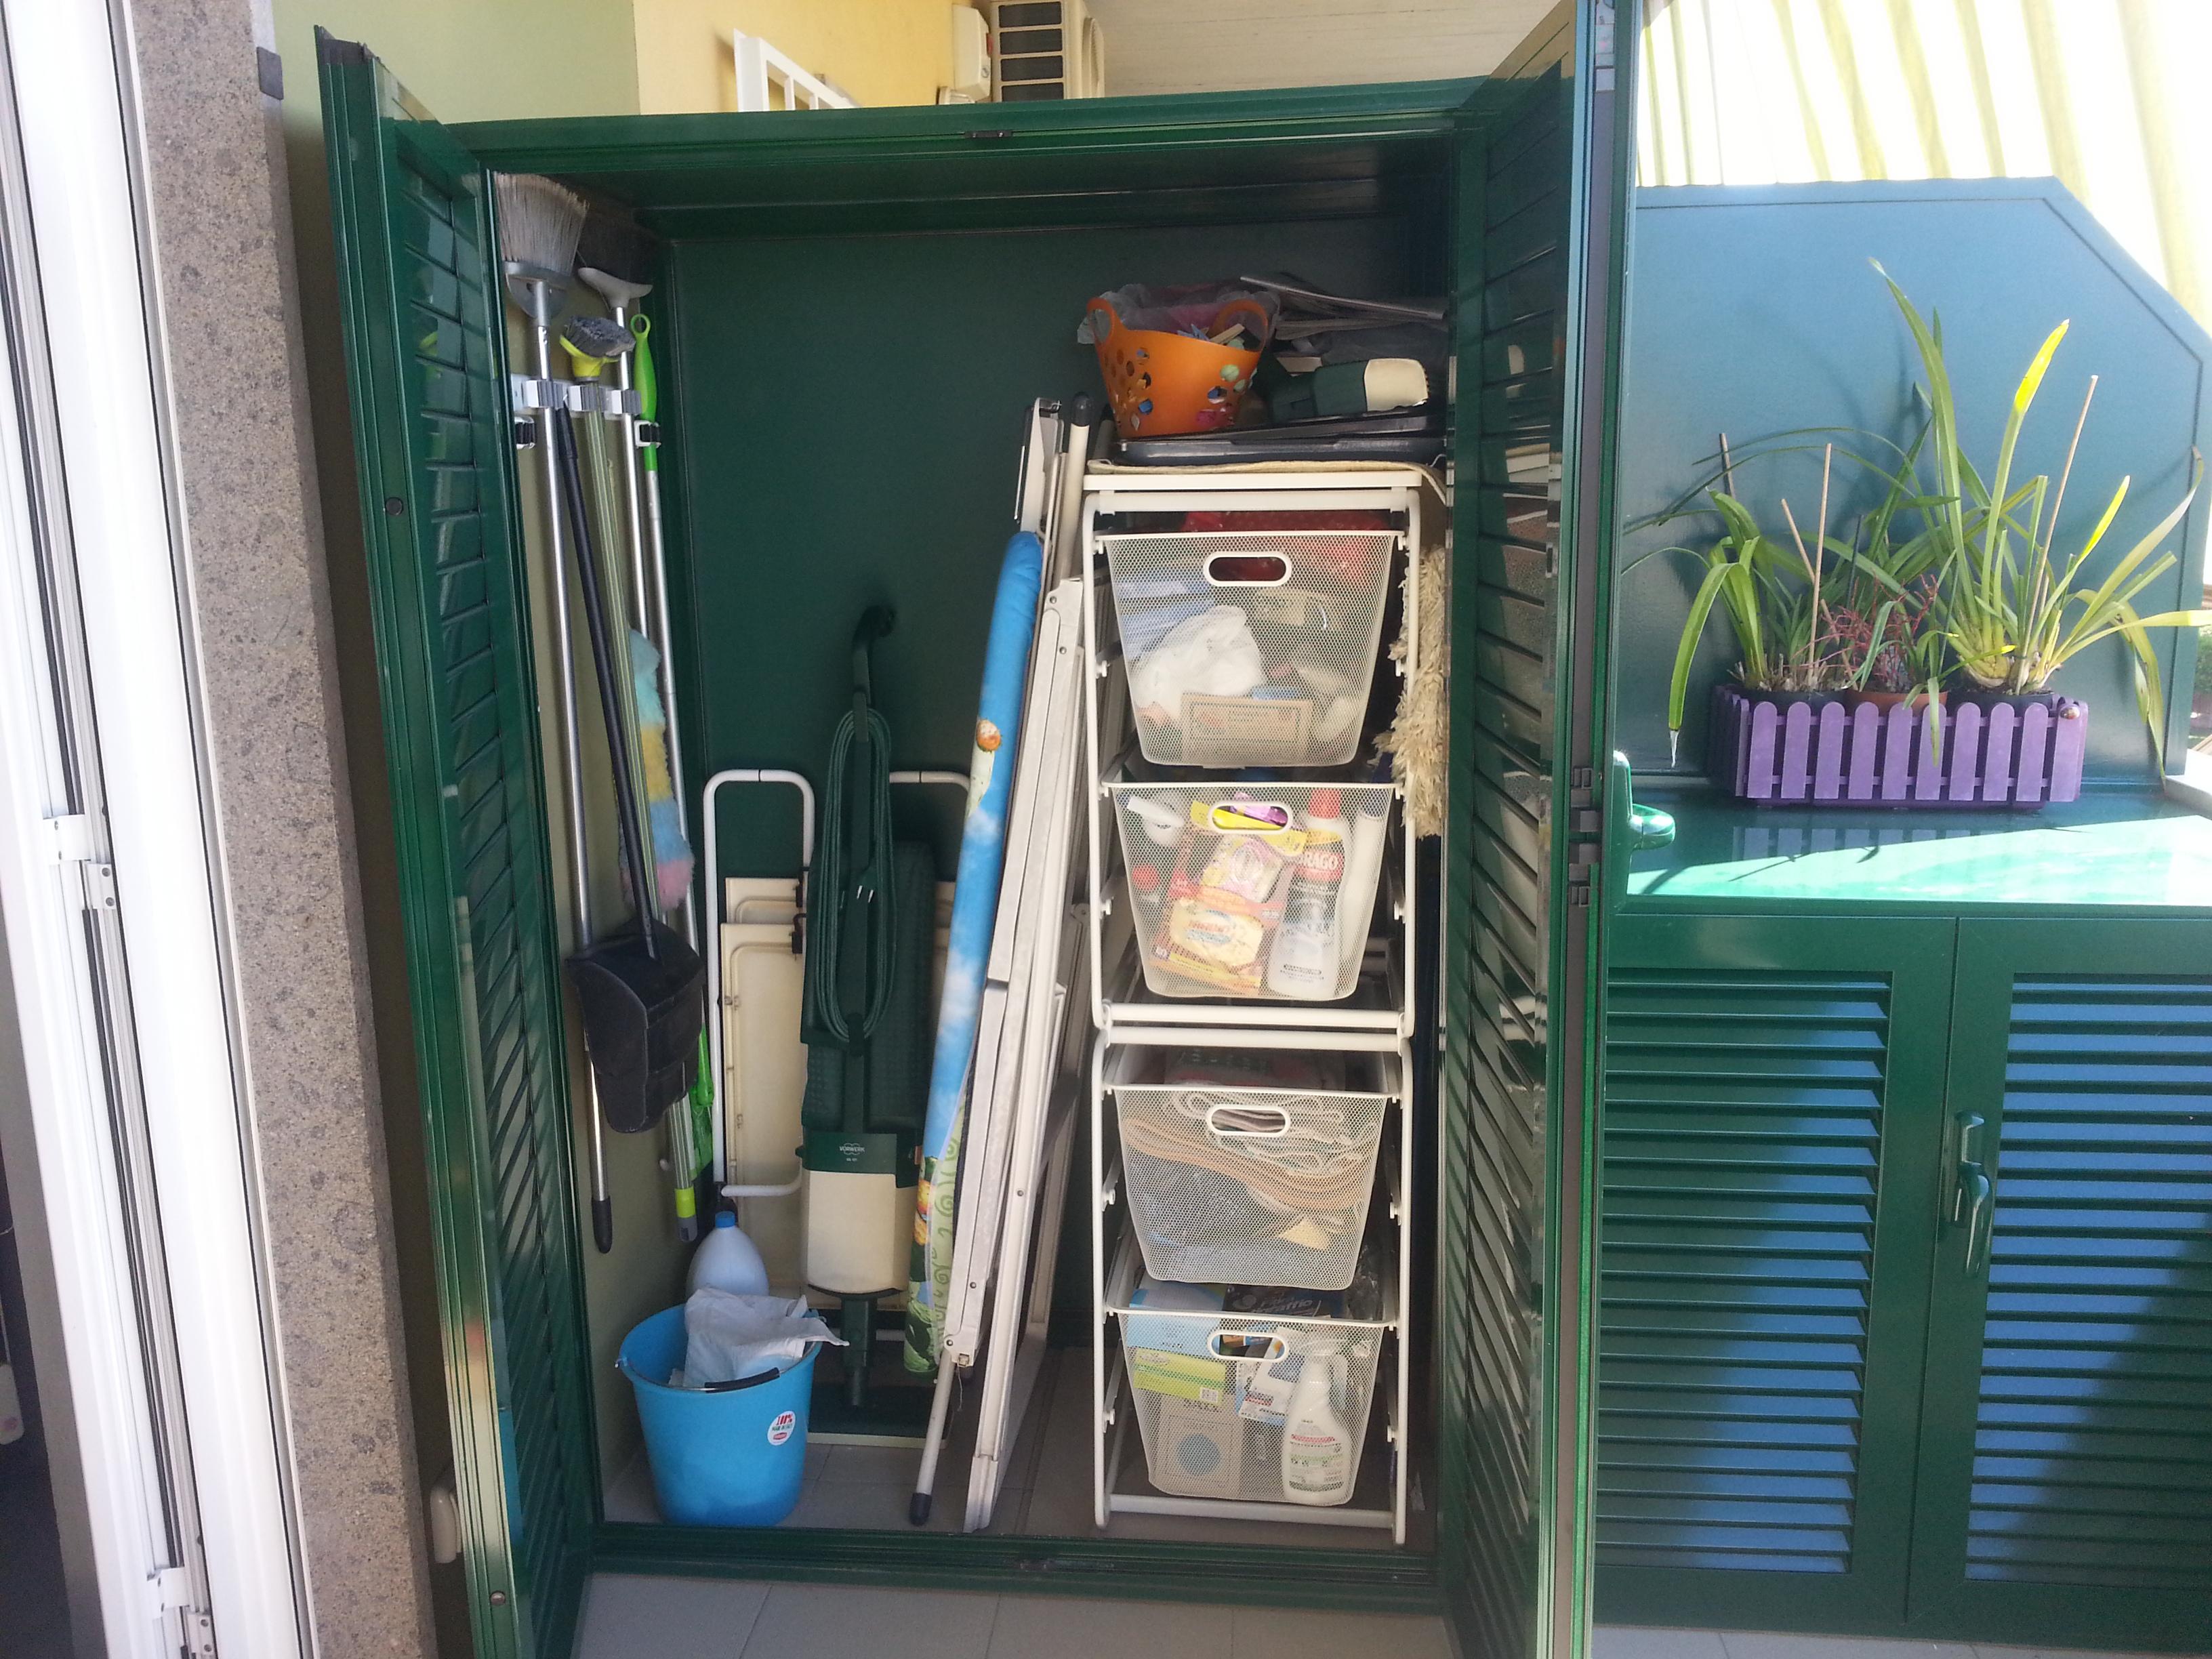 Fotografia di armadio in alluminio verde Ral 6005 ripostiglio a doghe chiuse (aperto).